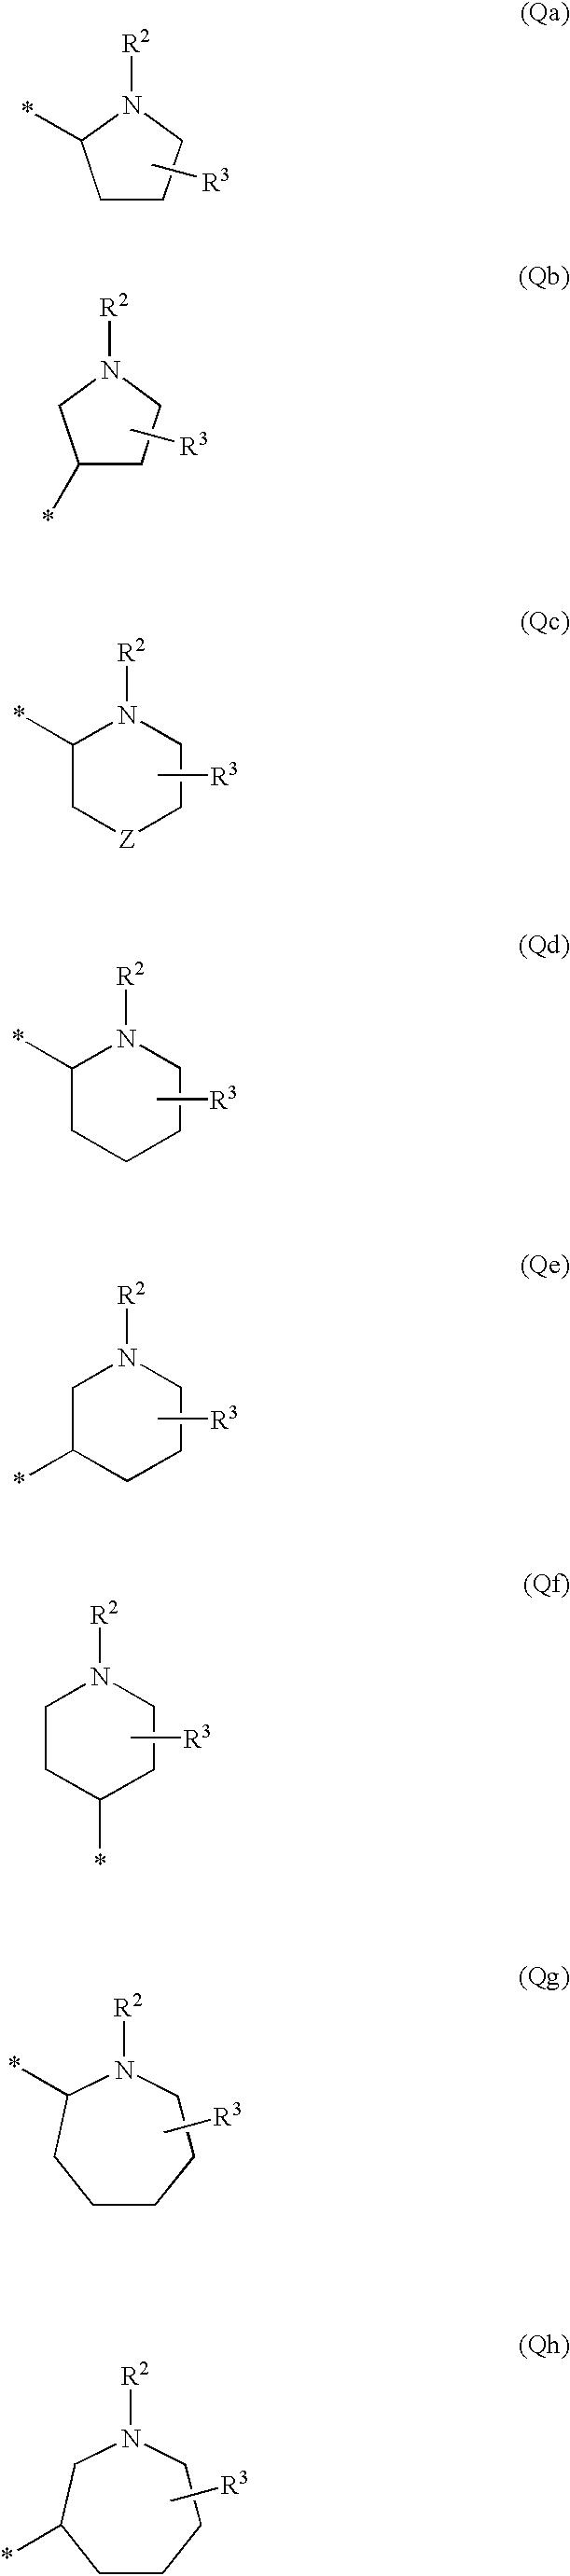 Figure US06479480-20021112-C00016